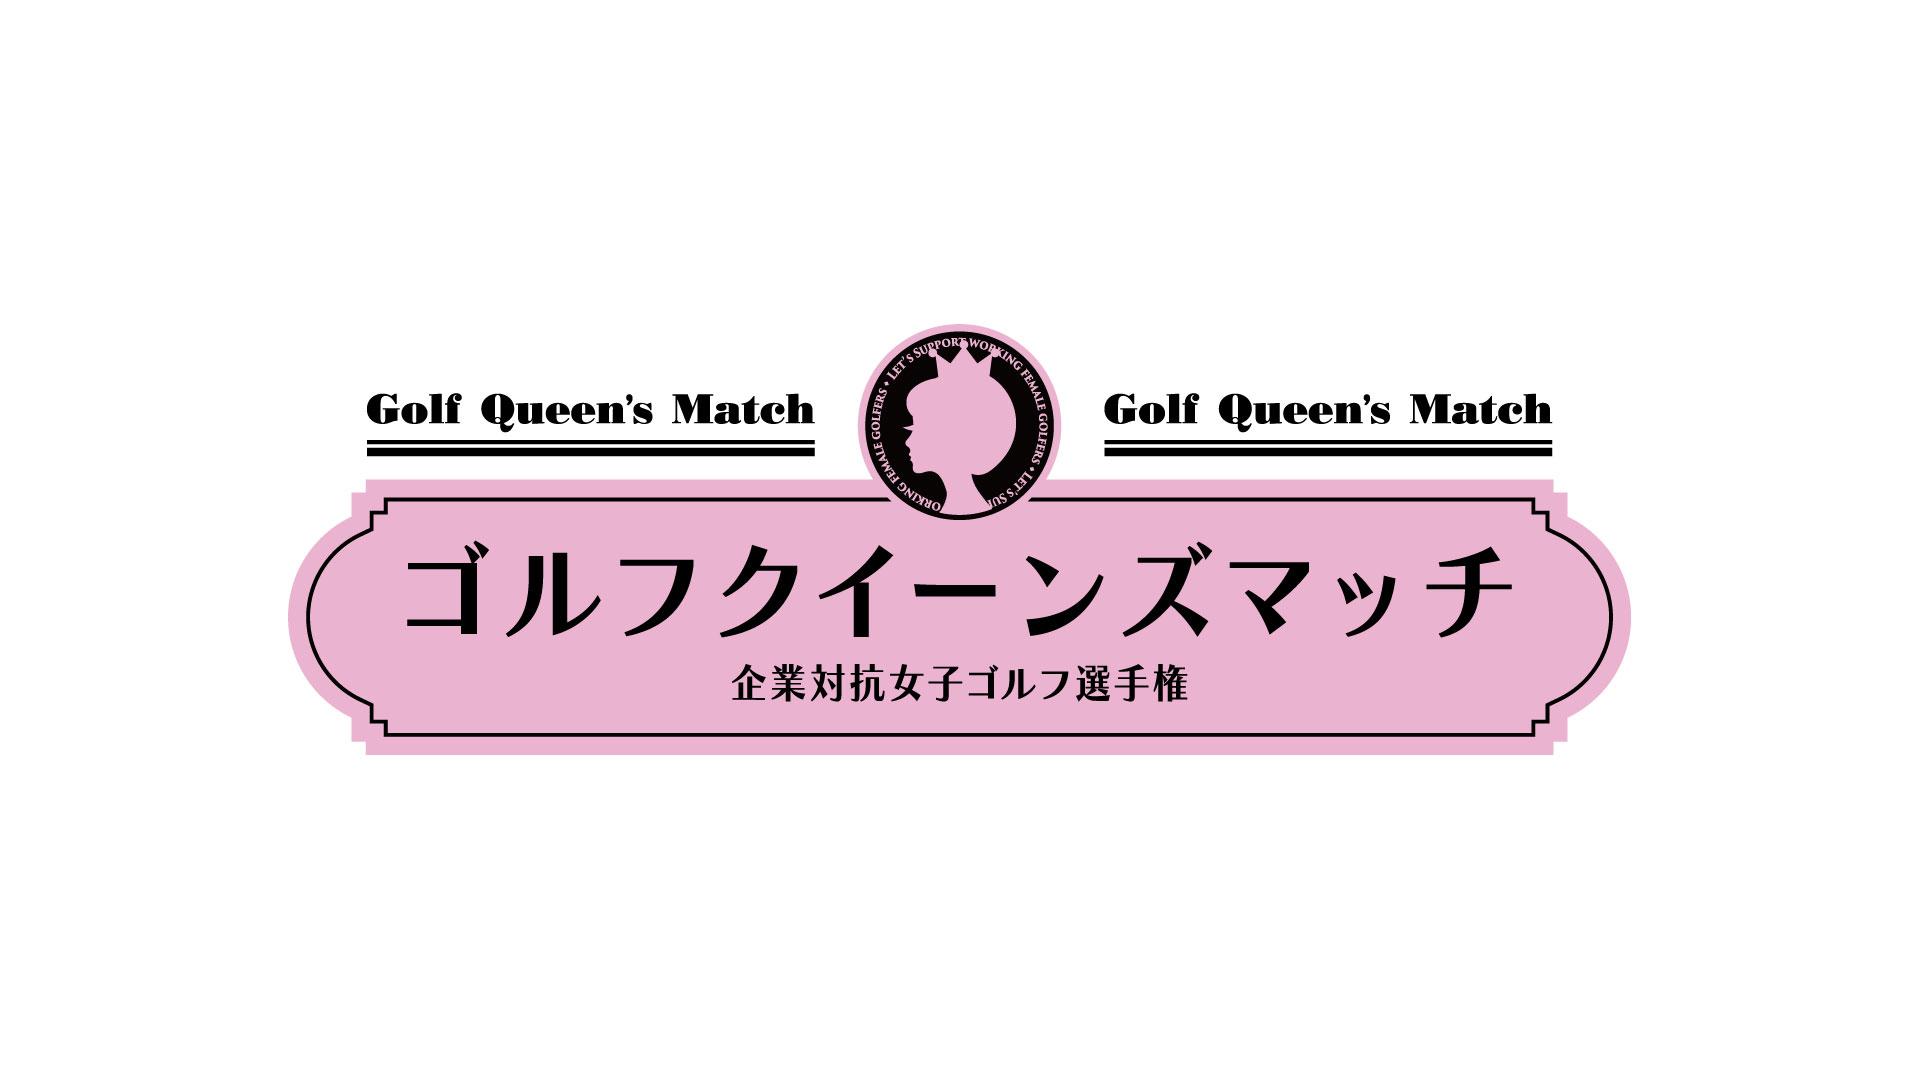 無料テレビでゴルフクイーンズマッチ~企業対抗女子ゴルフ選手権~を視聴する